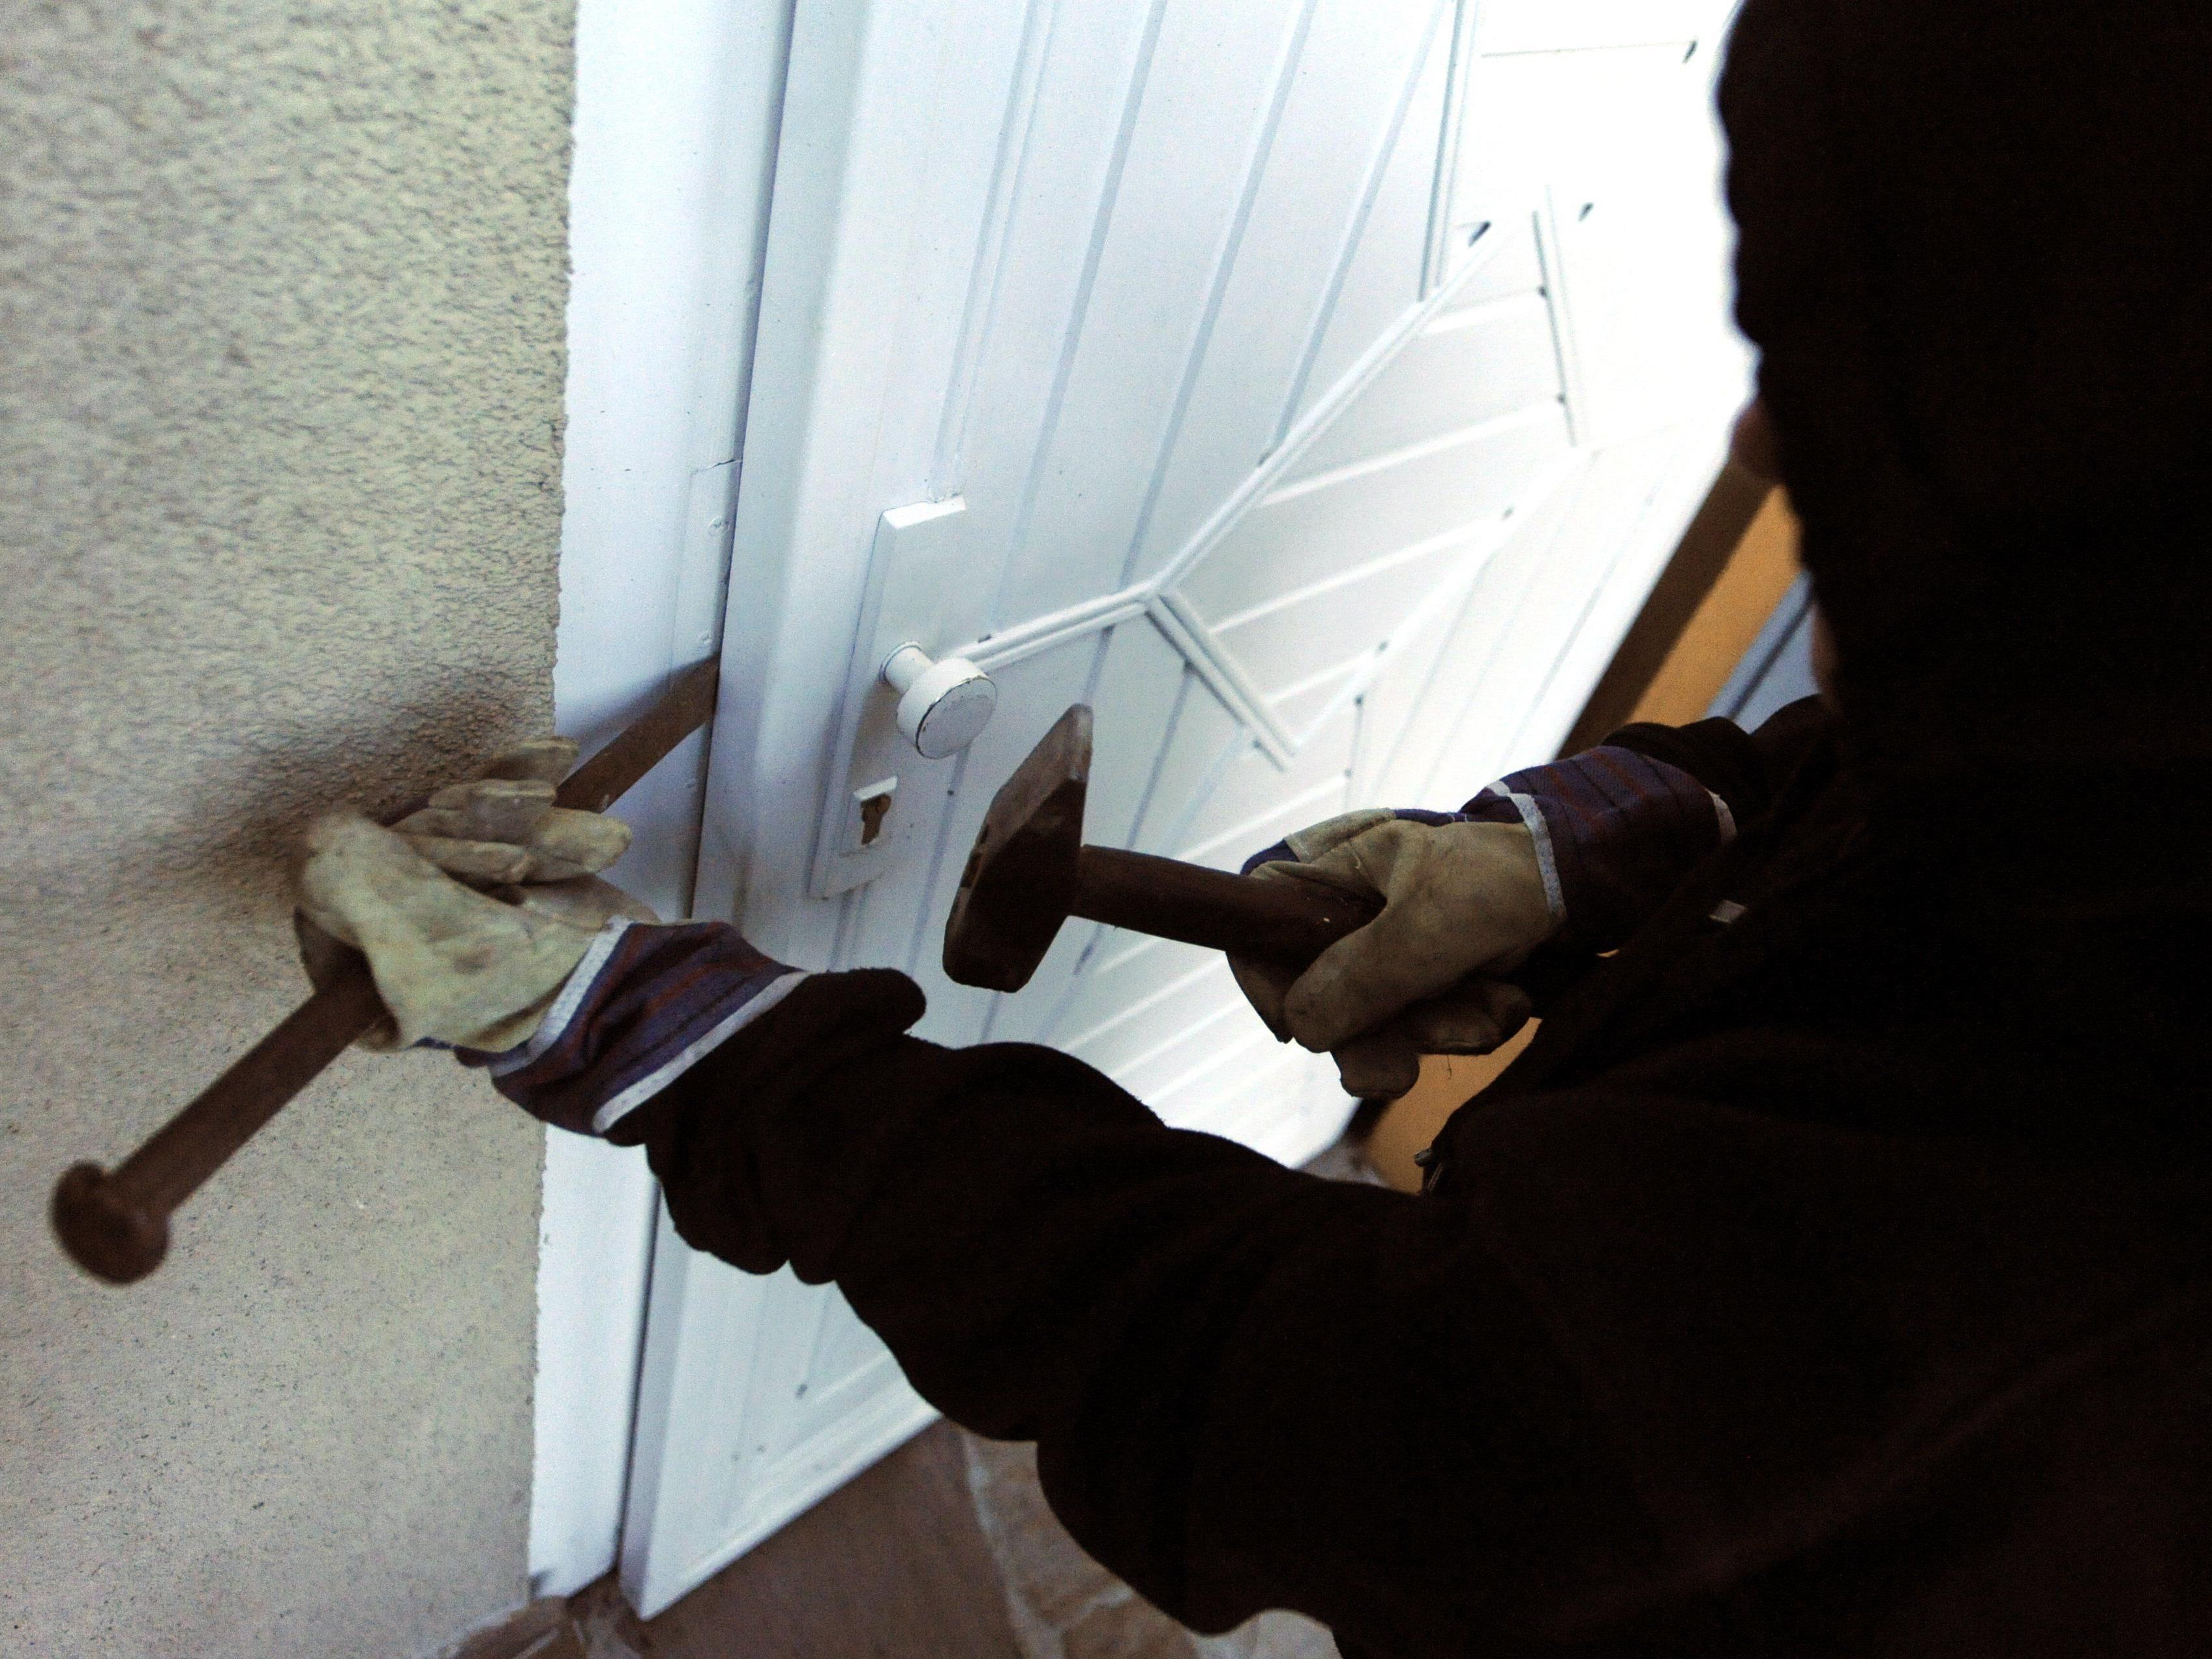 Einbrechern konnte am Dienstag den 17. April das Handwerk gelegt werden